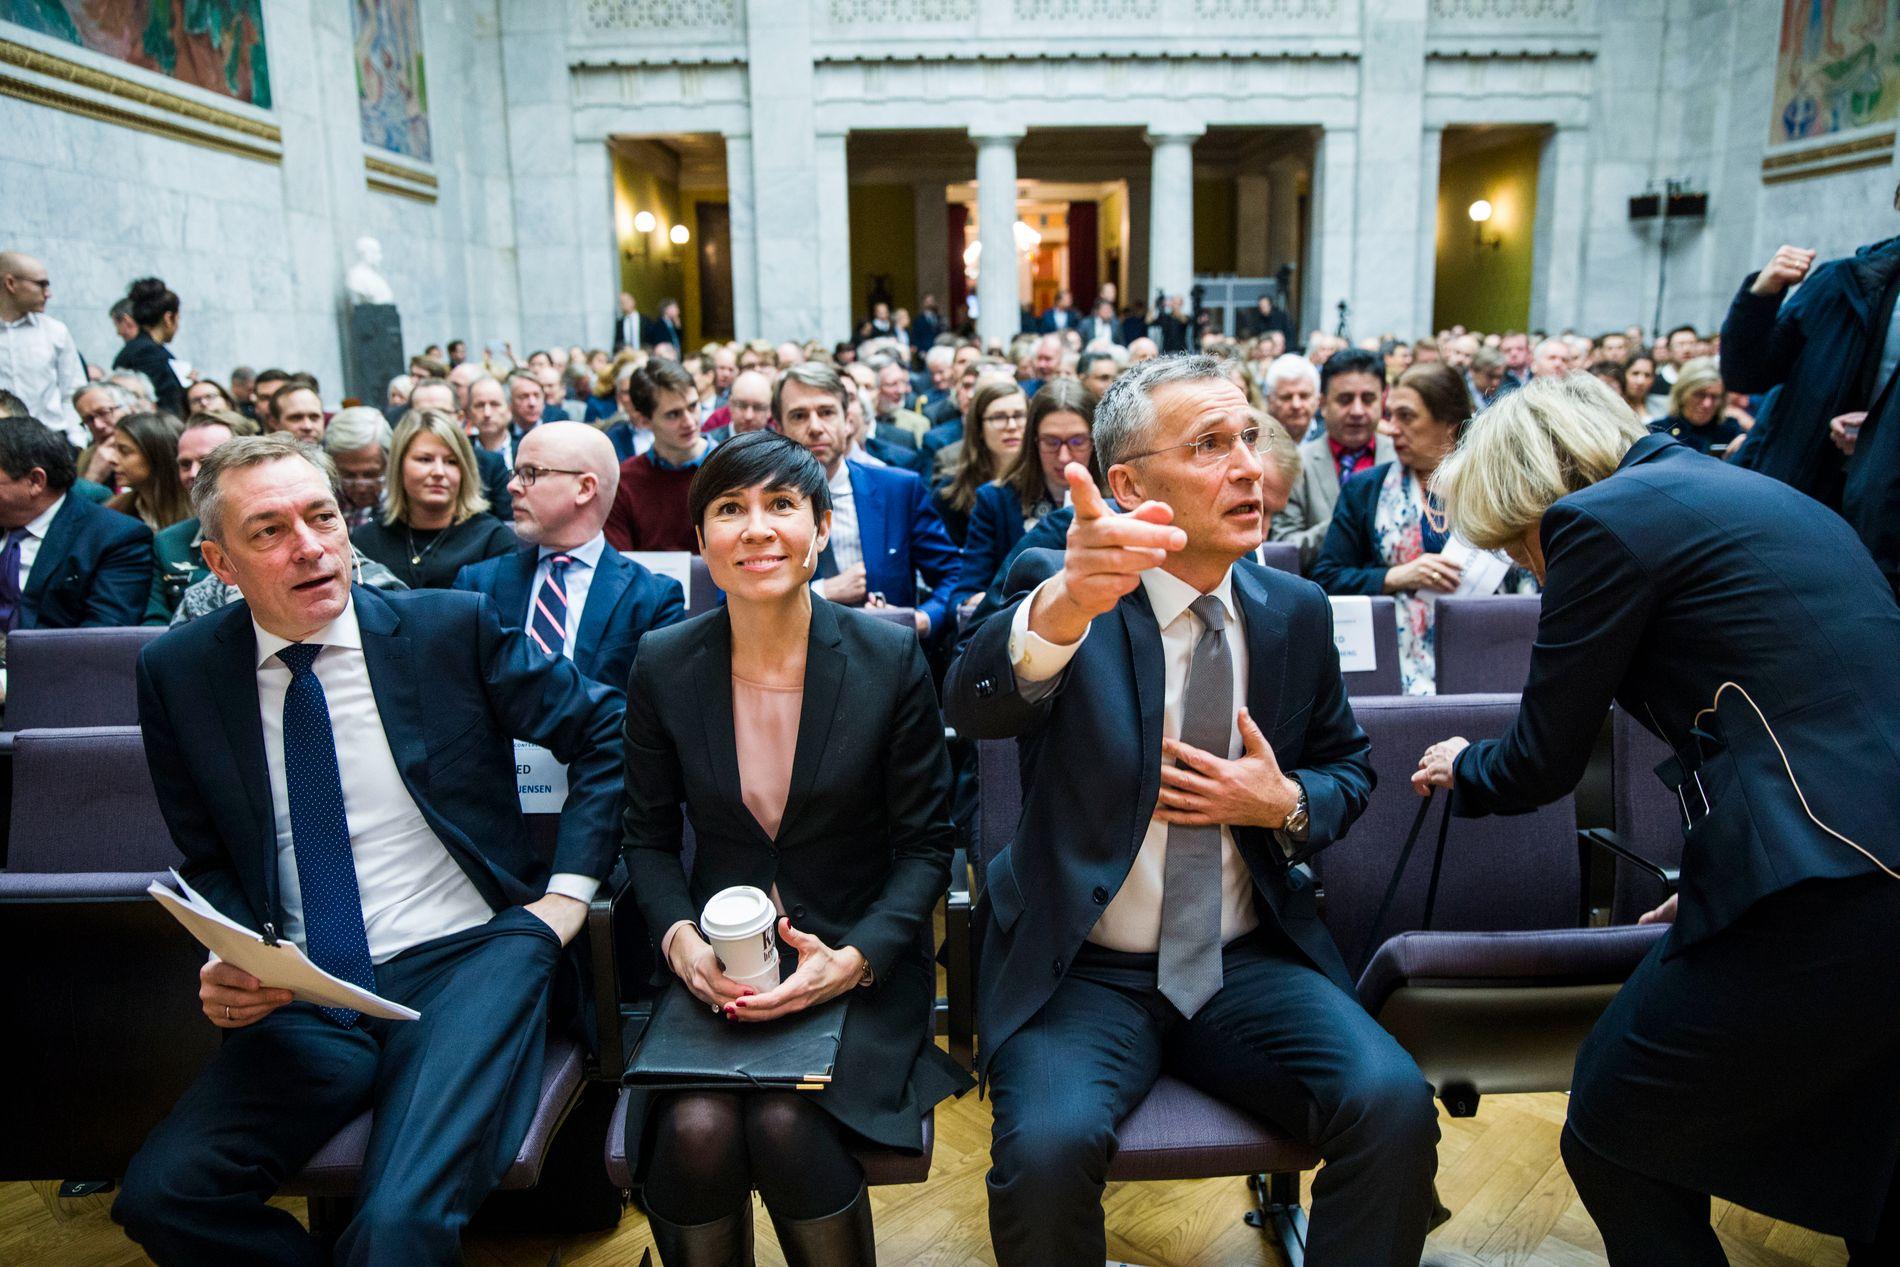 MØTTES: NATO-sjef Jens Stoltenberg møtte tidligere i dag forsvarsminister Frank Bakke-Jensen (til venstre) og utenriksminister Ine Marie Eriksen Søreide på Leangkollen.